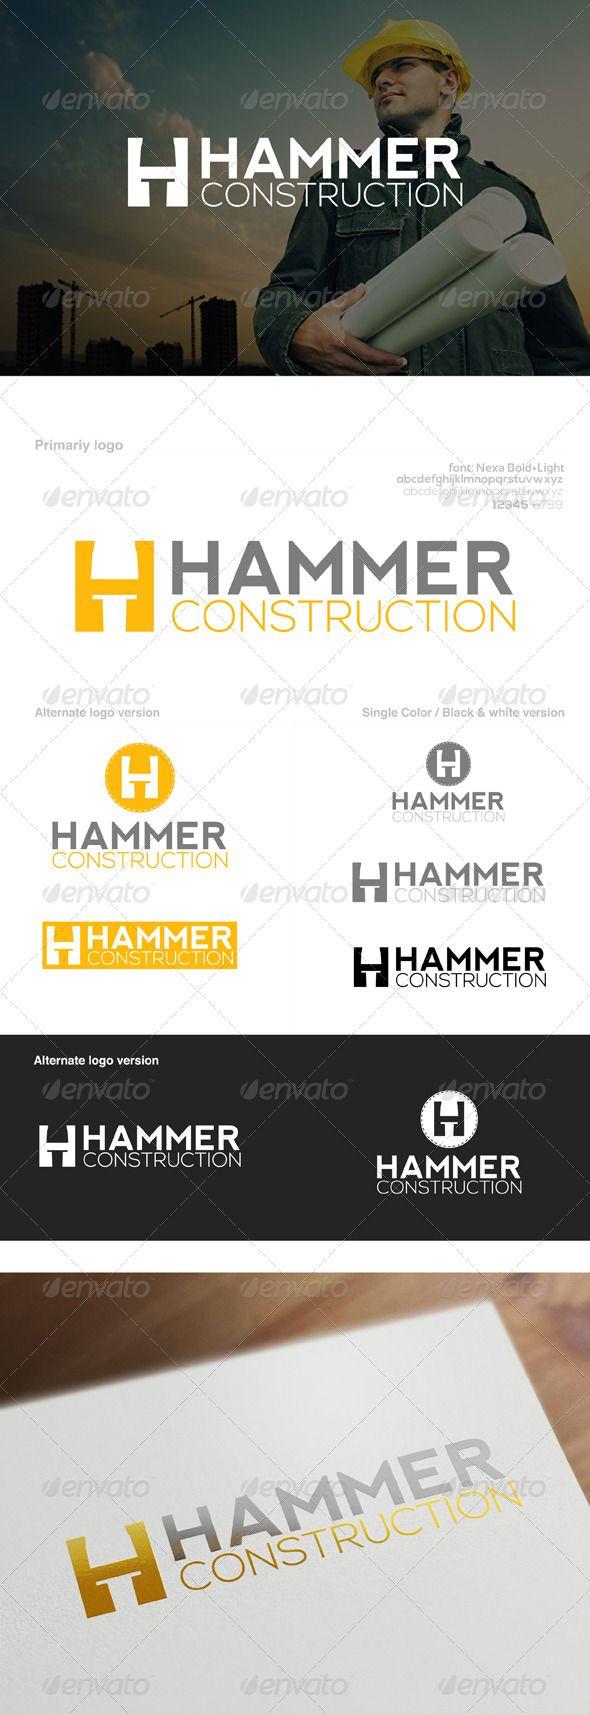 Nail & Hammer Construction Company Logo Construction